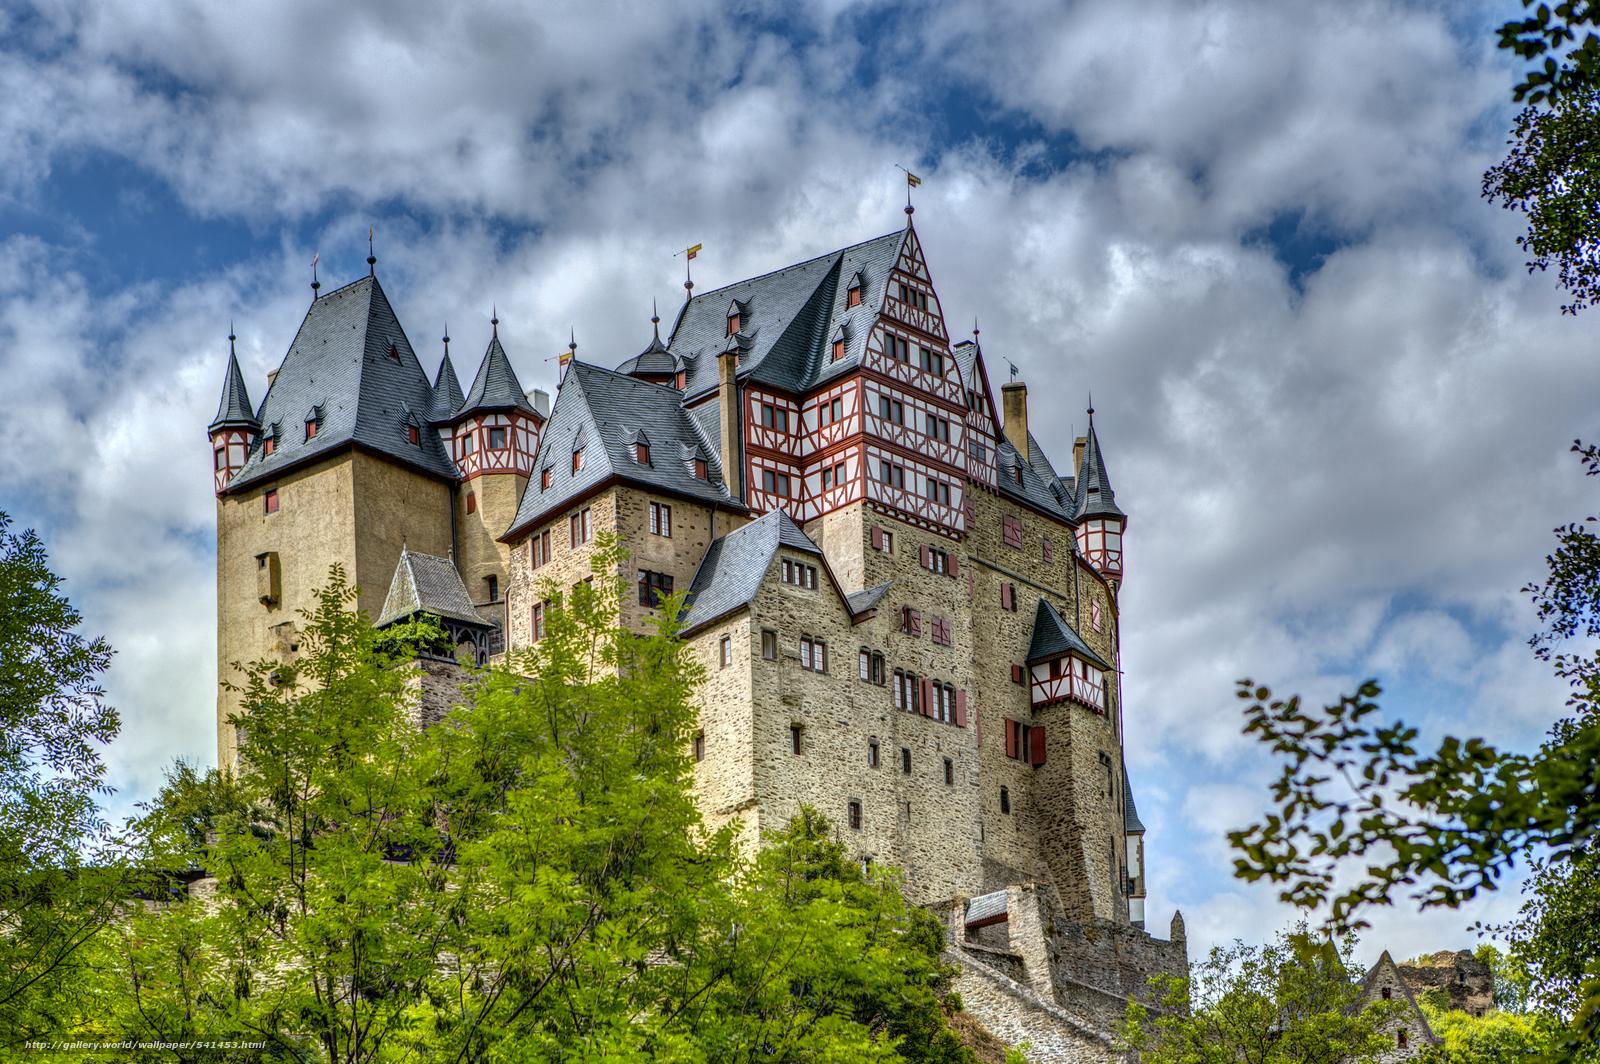 wallpaper Burg Eltz Castle Wierschem desktop wallpaper 1600x1064